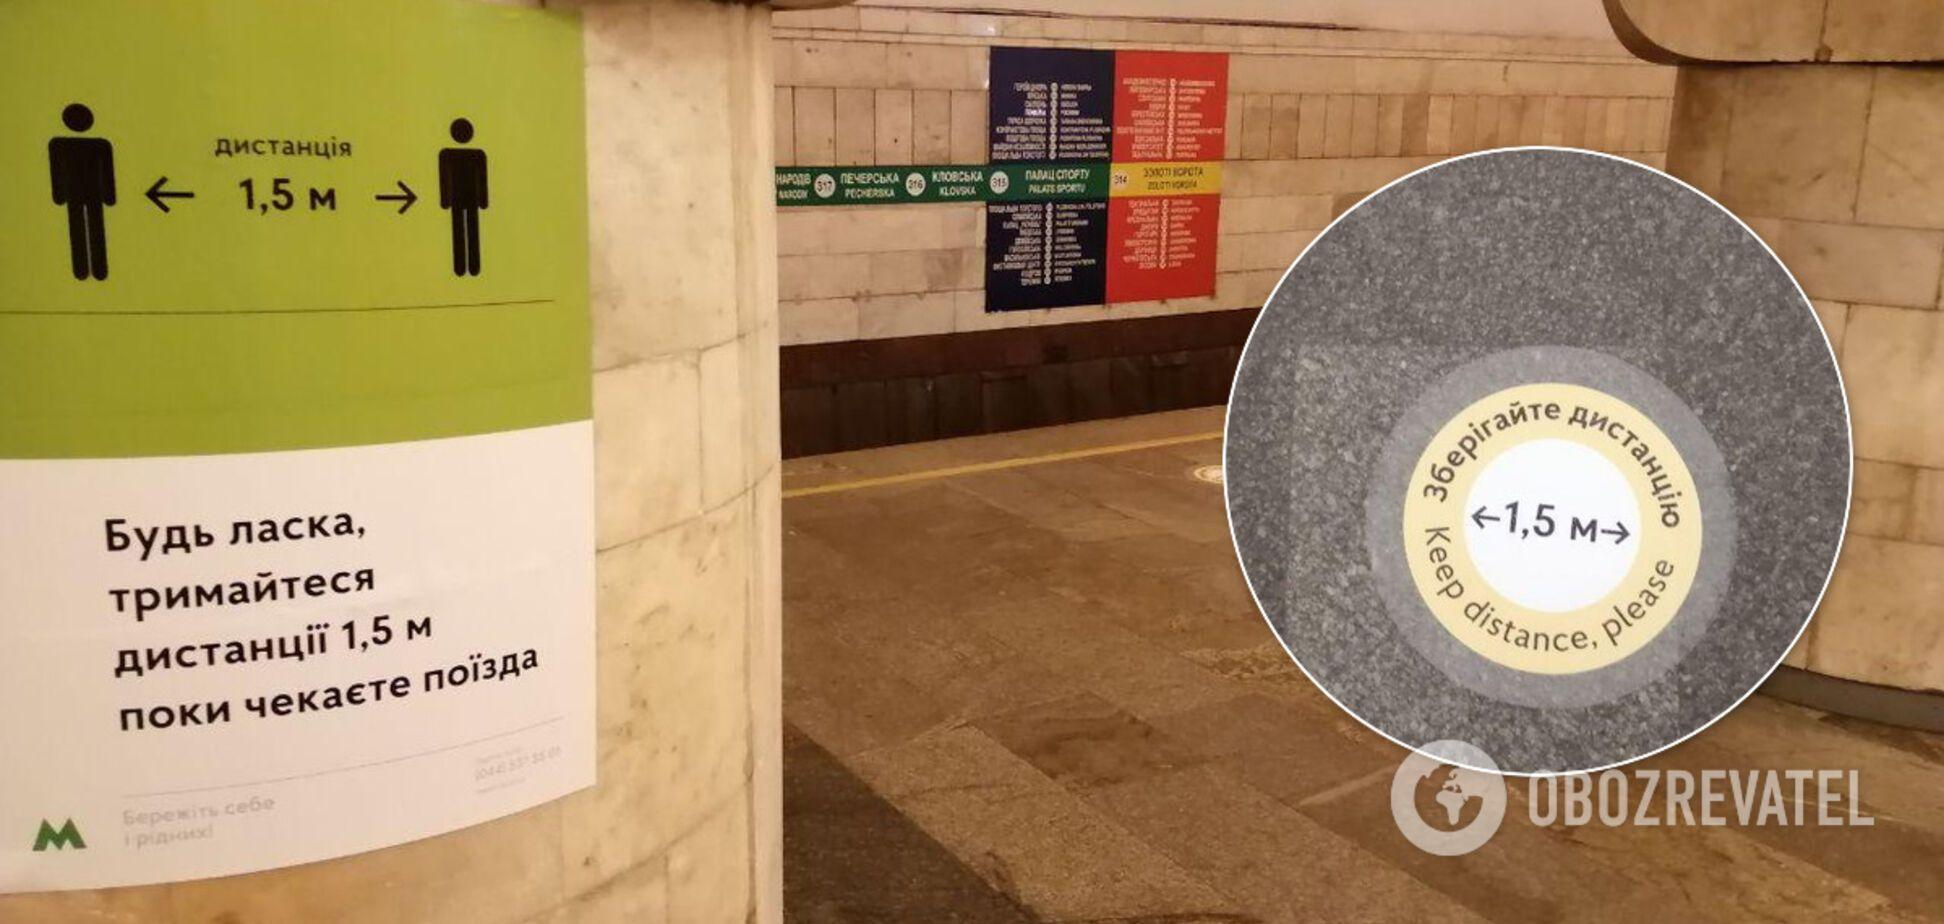 Що зміниться в метро Києва після карантину: нові правила. Ексклюзив